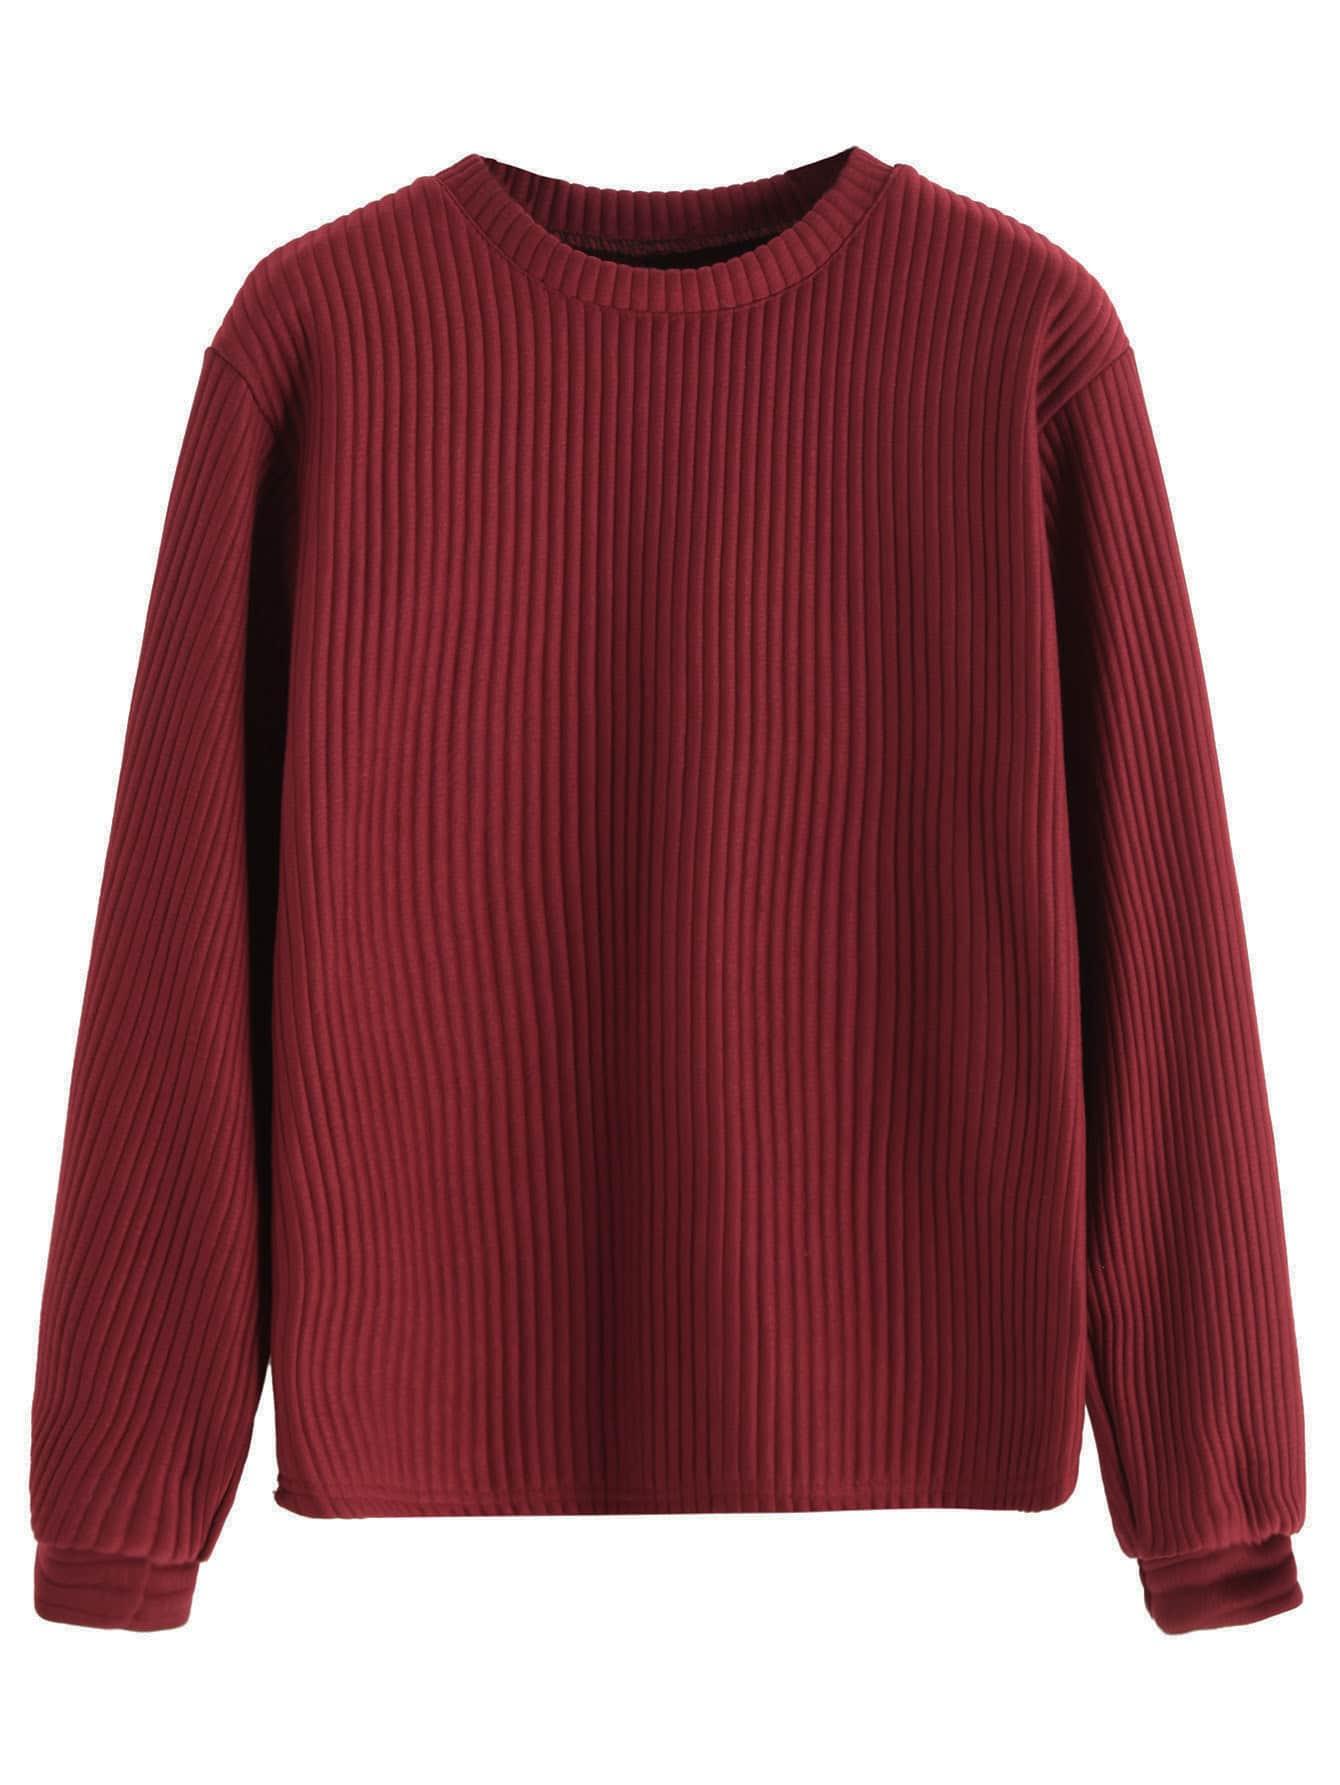 Burgundy Long Sleeve Ribbed Sweatshirt sweatshirt160908104